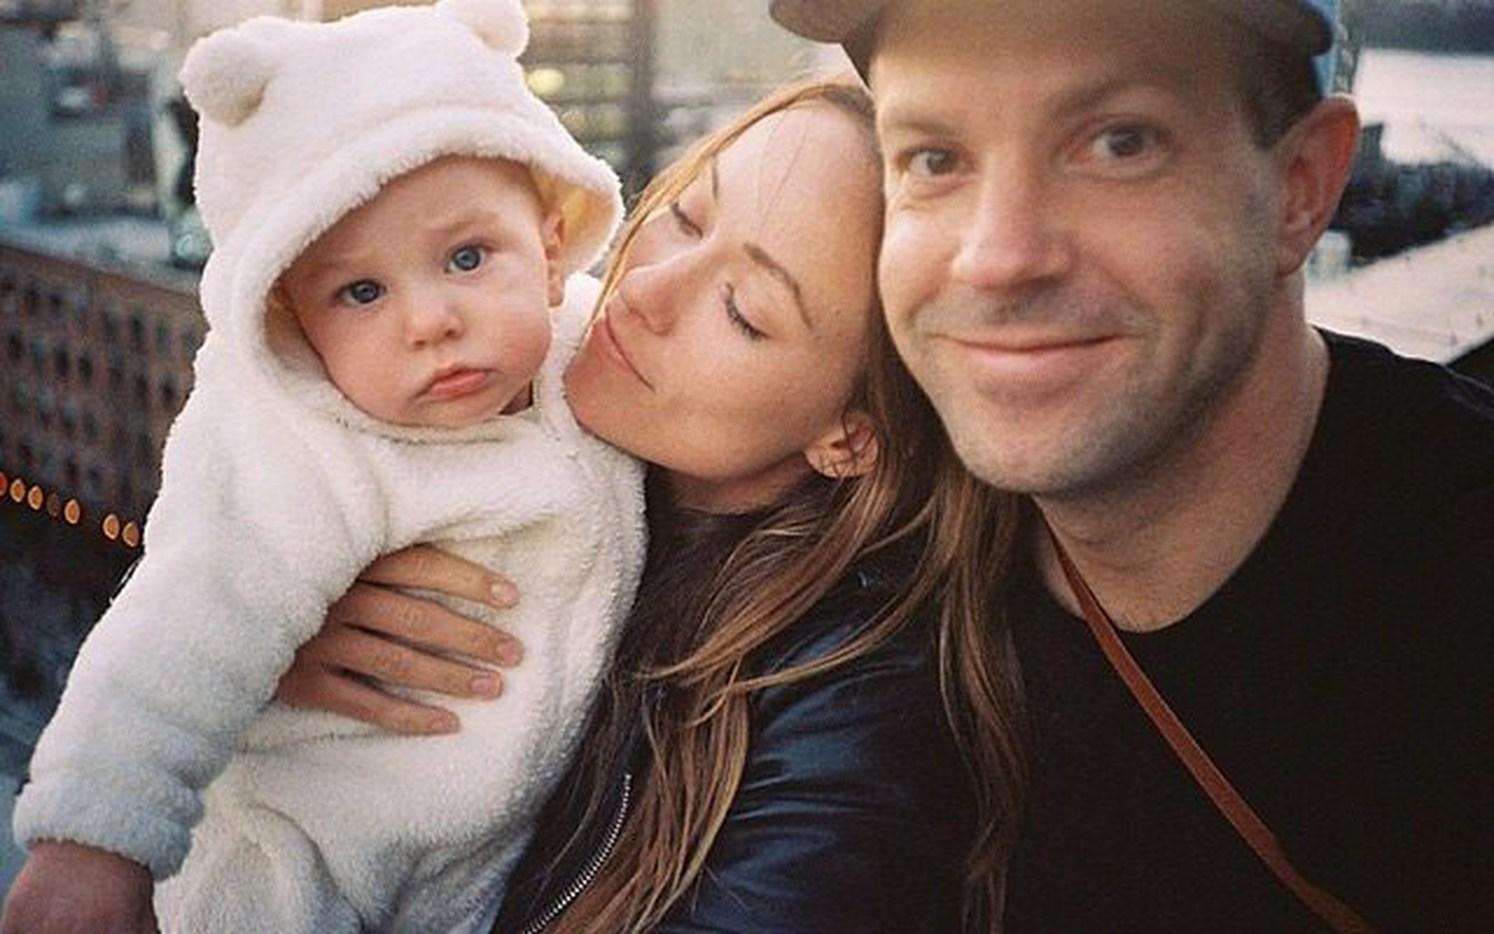 Оливия Уайльд и Джейсон Судейкис с ребенком